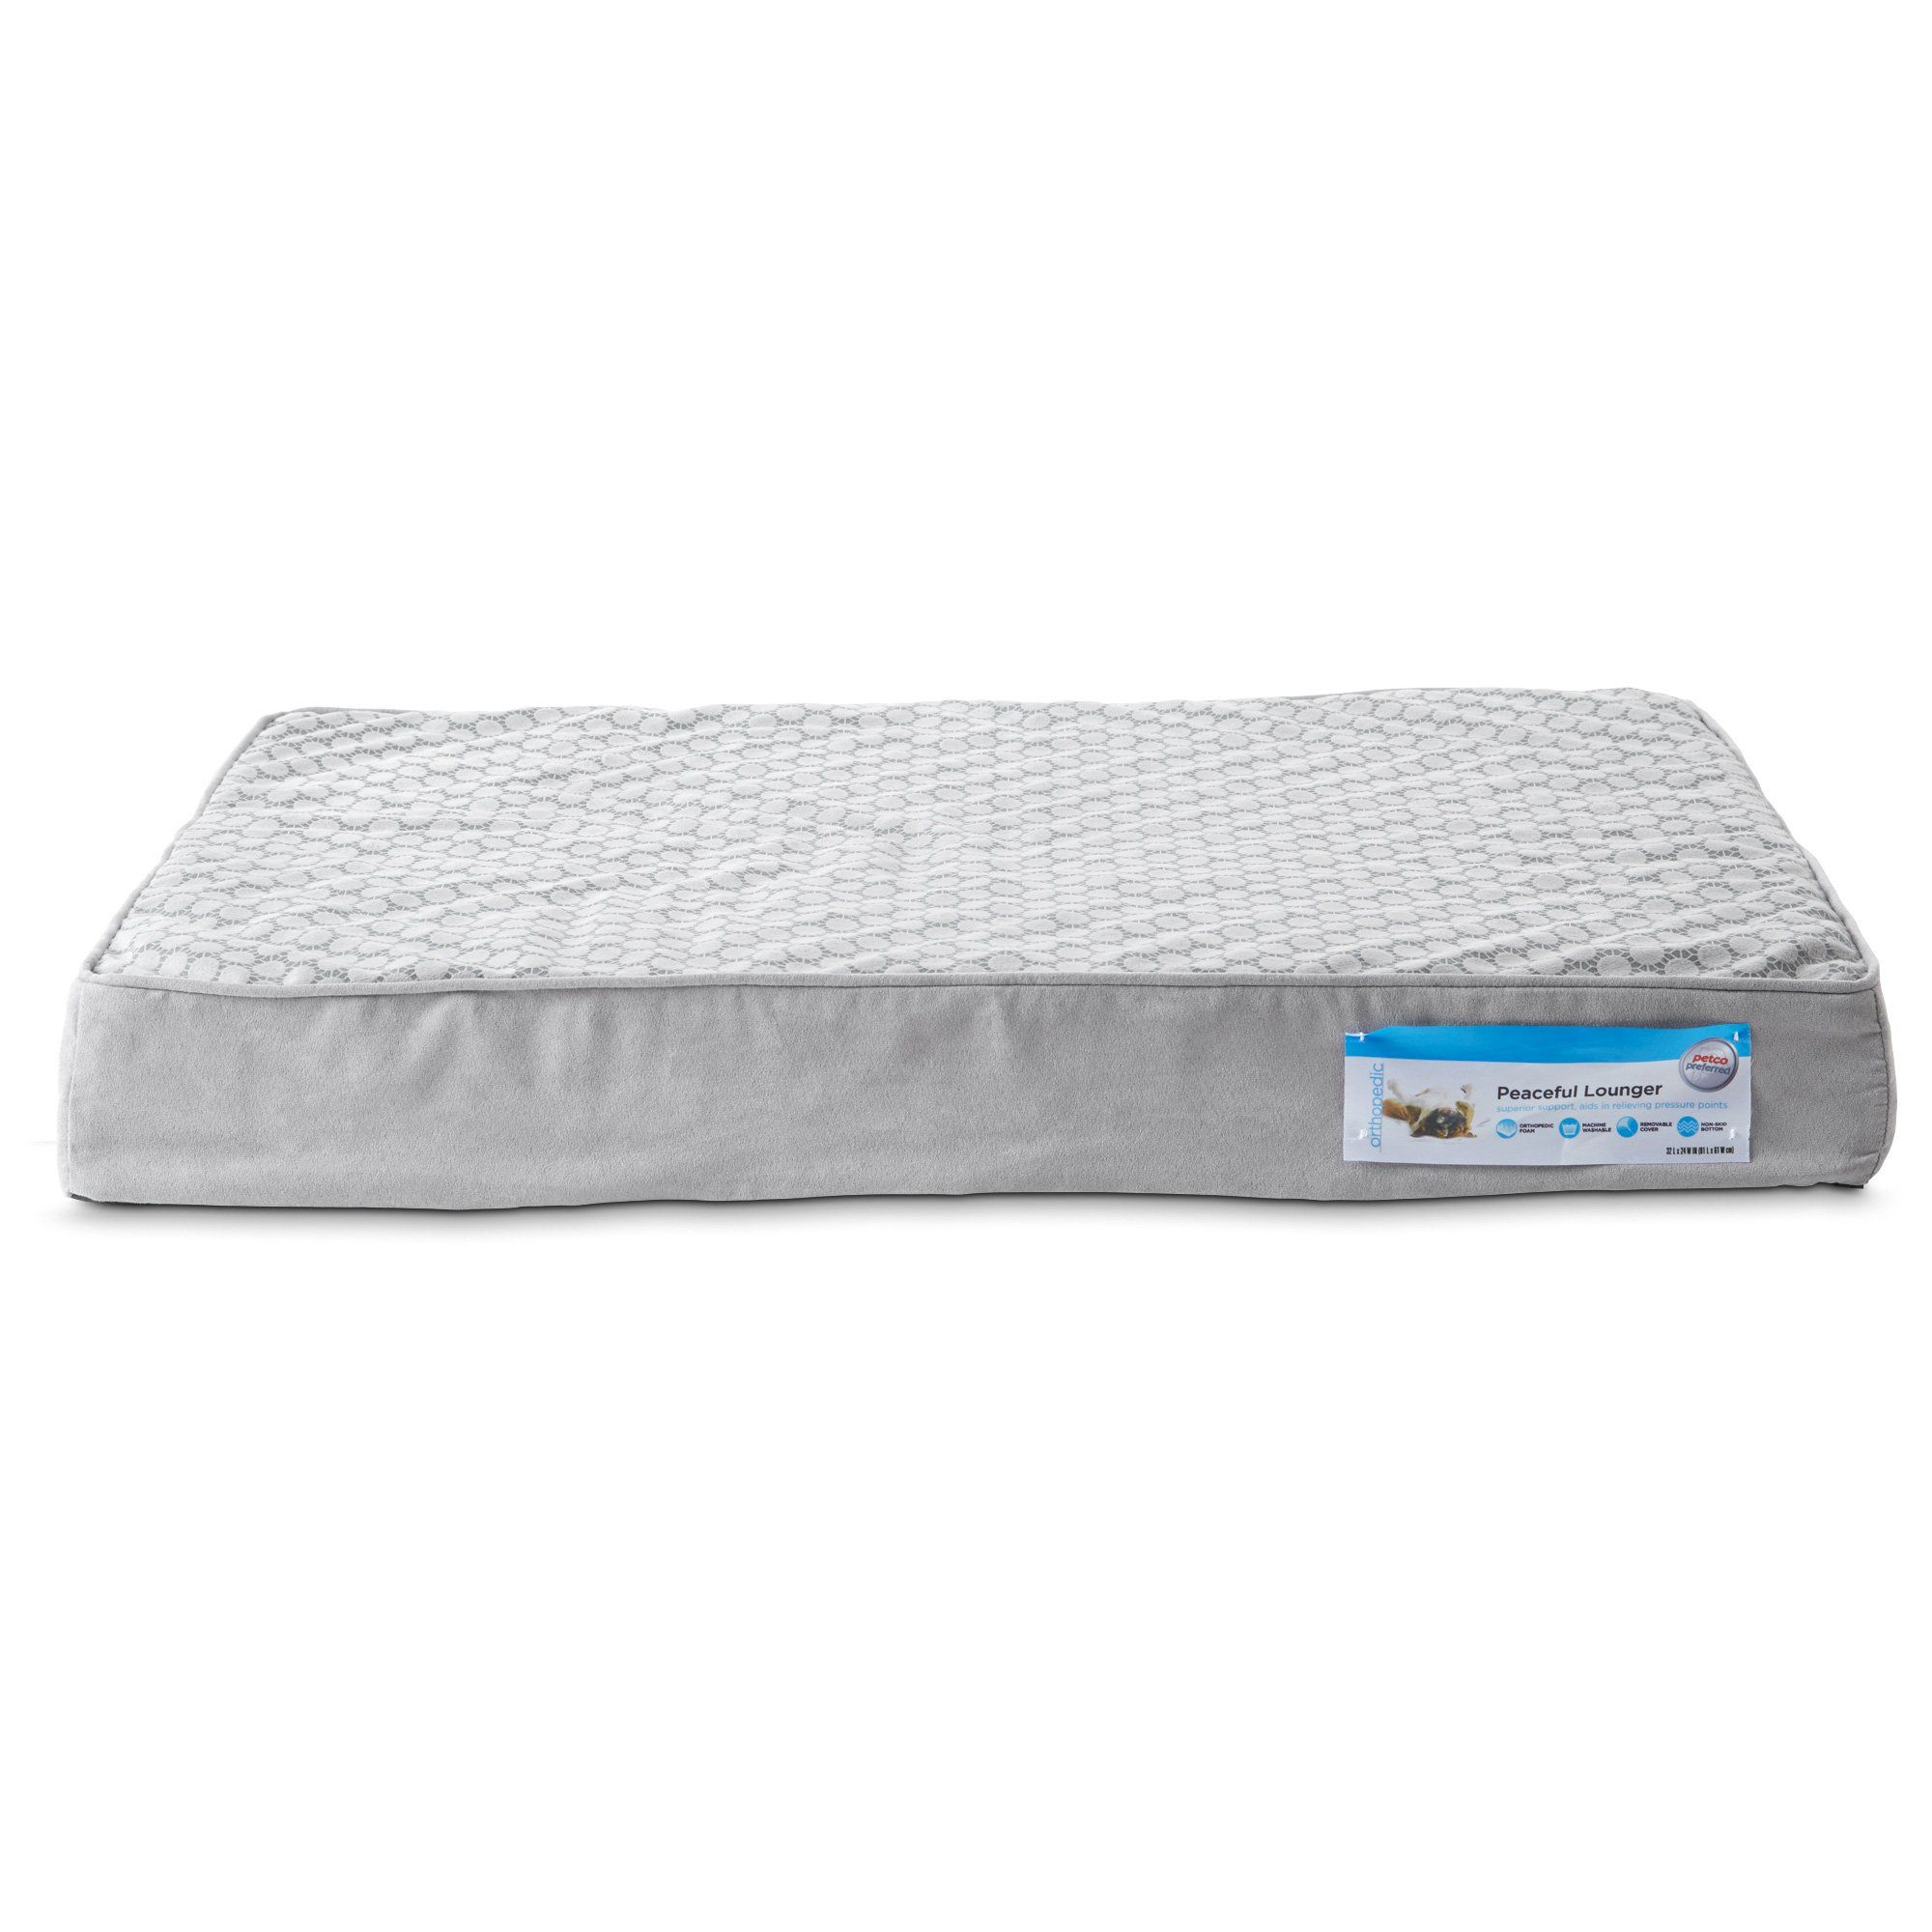 """Petco+Peaceful+Lounger+Orthopedic+Dog+Bed+-+Petco+Peaceful+Lounger+Orthopedic+Dog+Bed,+32""""+L+x+24""""+W - http://www.petco.com/shop/en/petcostore/petco-peaceful-lounger-orthopedic-dog-bed"""